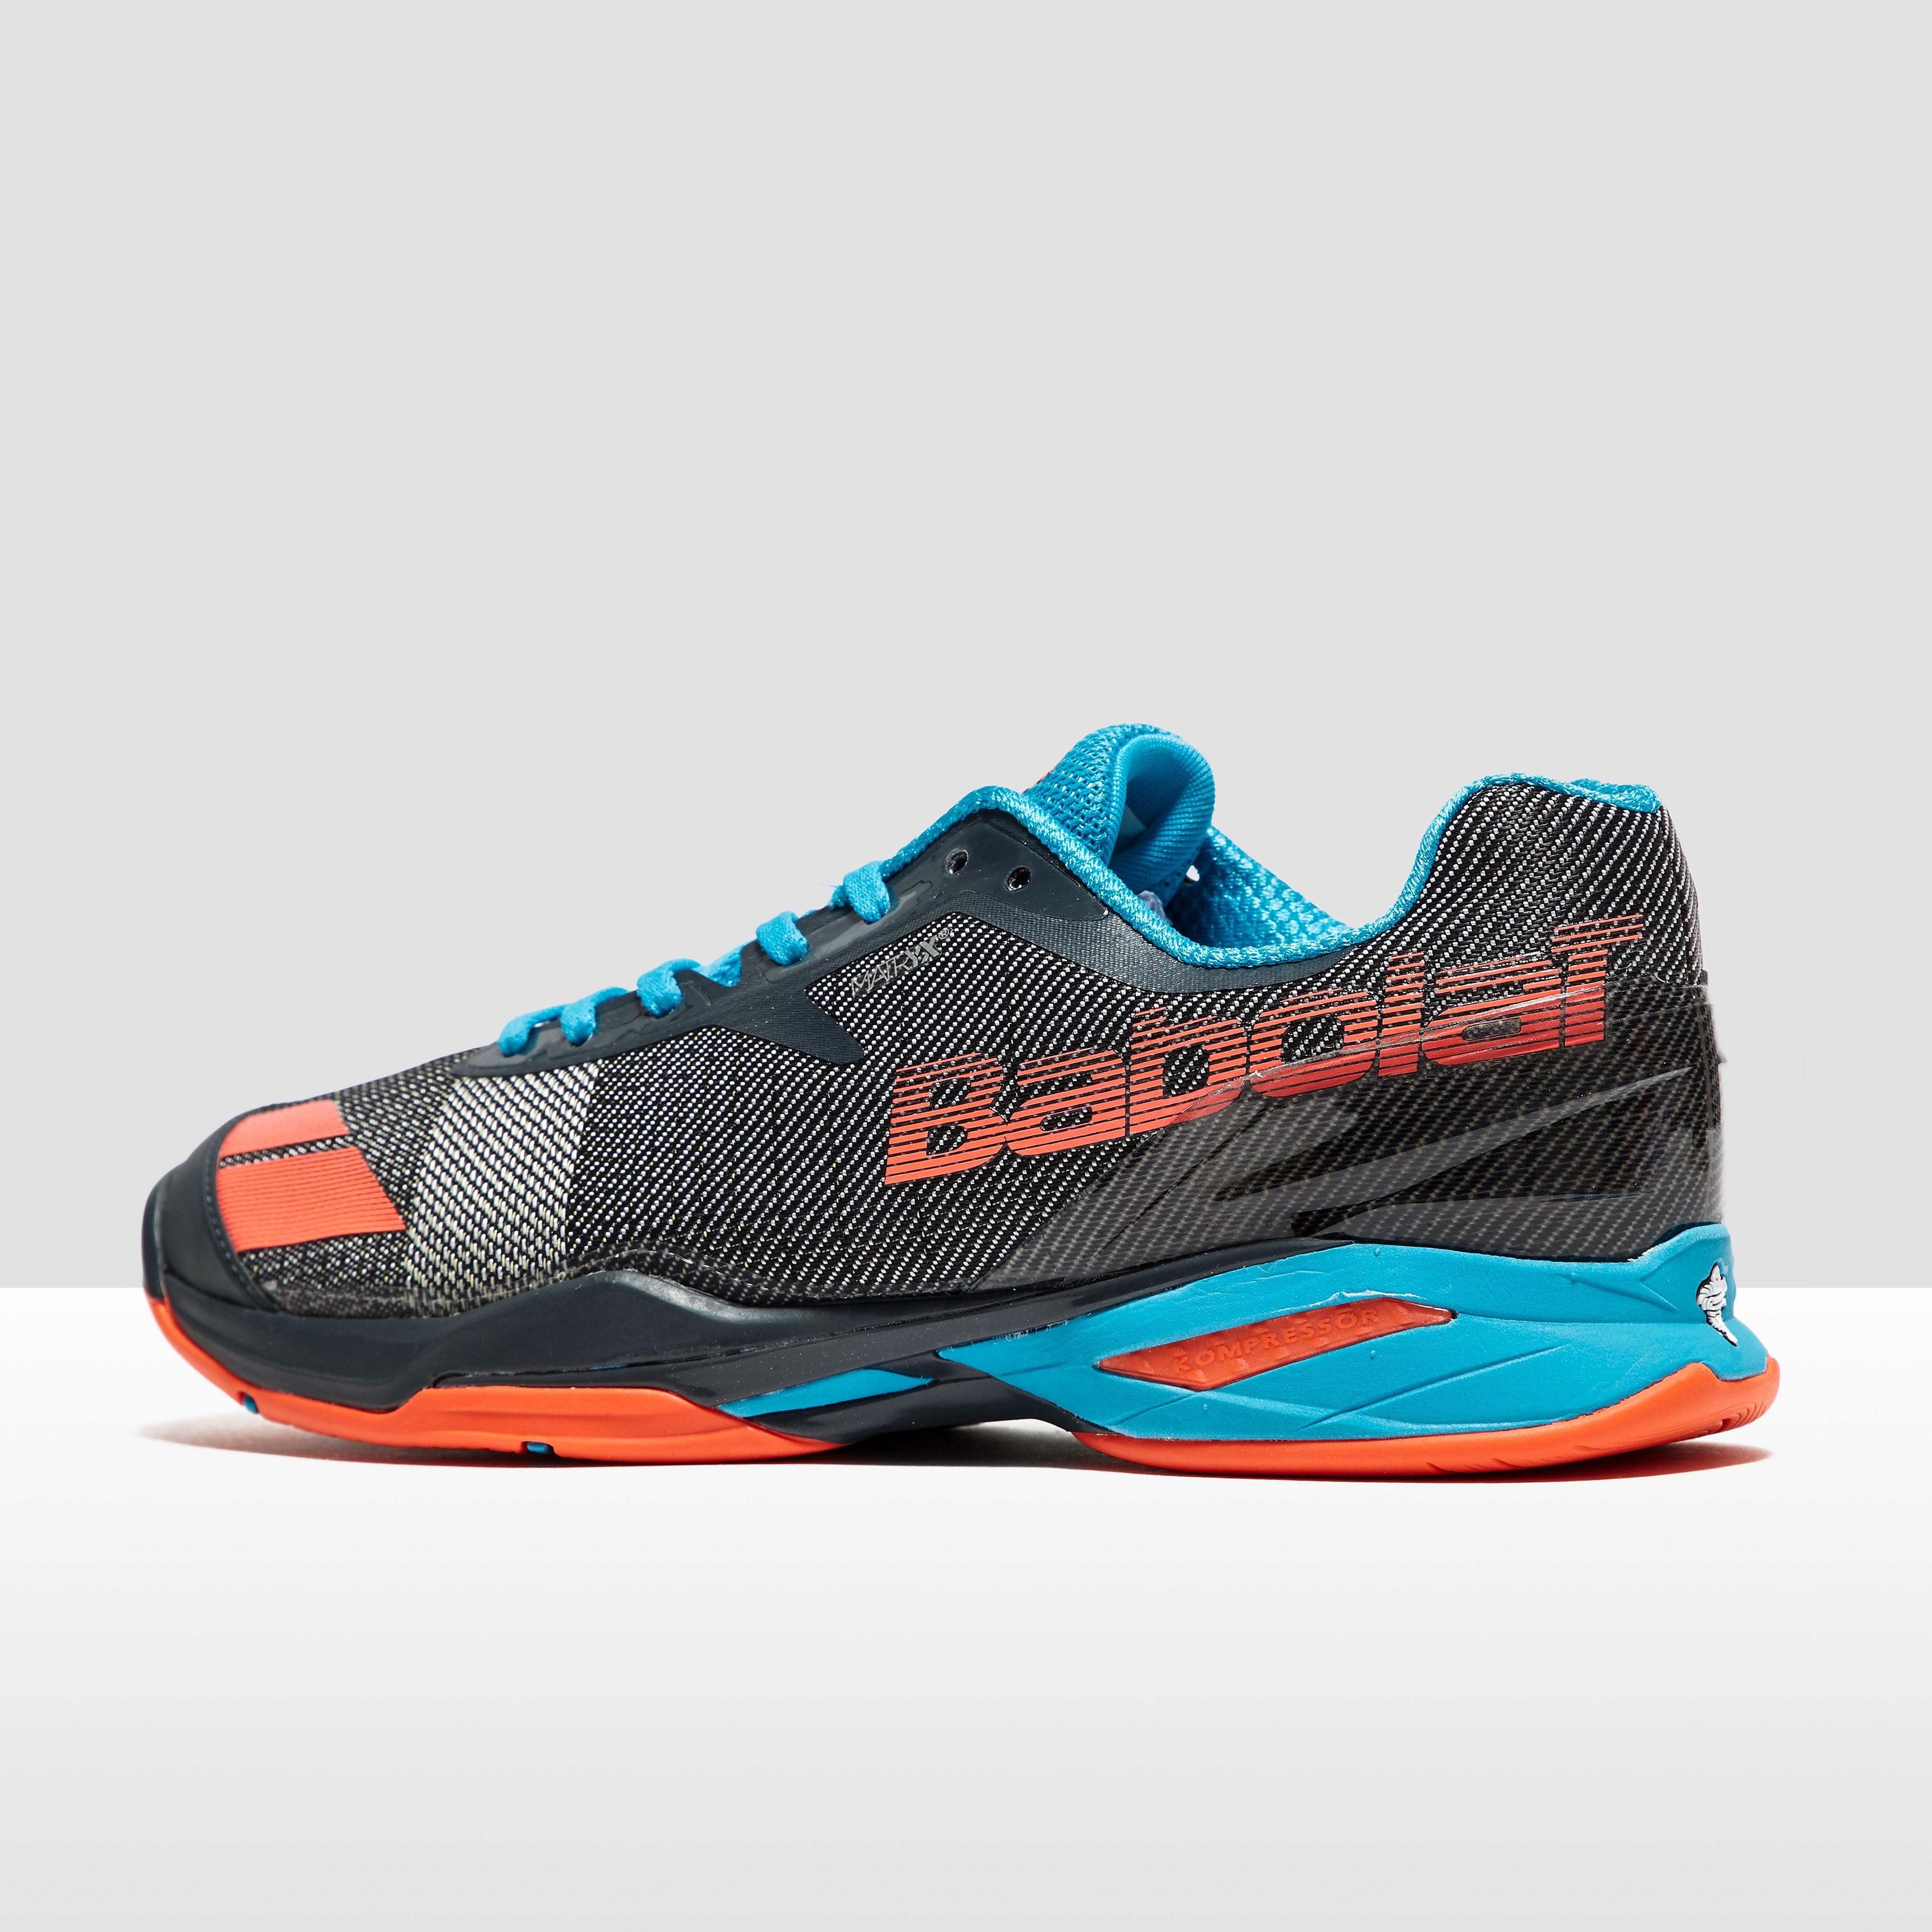 Babolat Jet All Court Men's Tennis Shoes